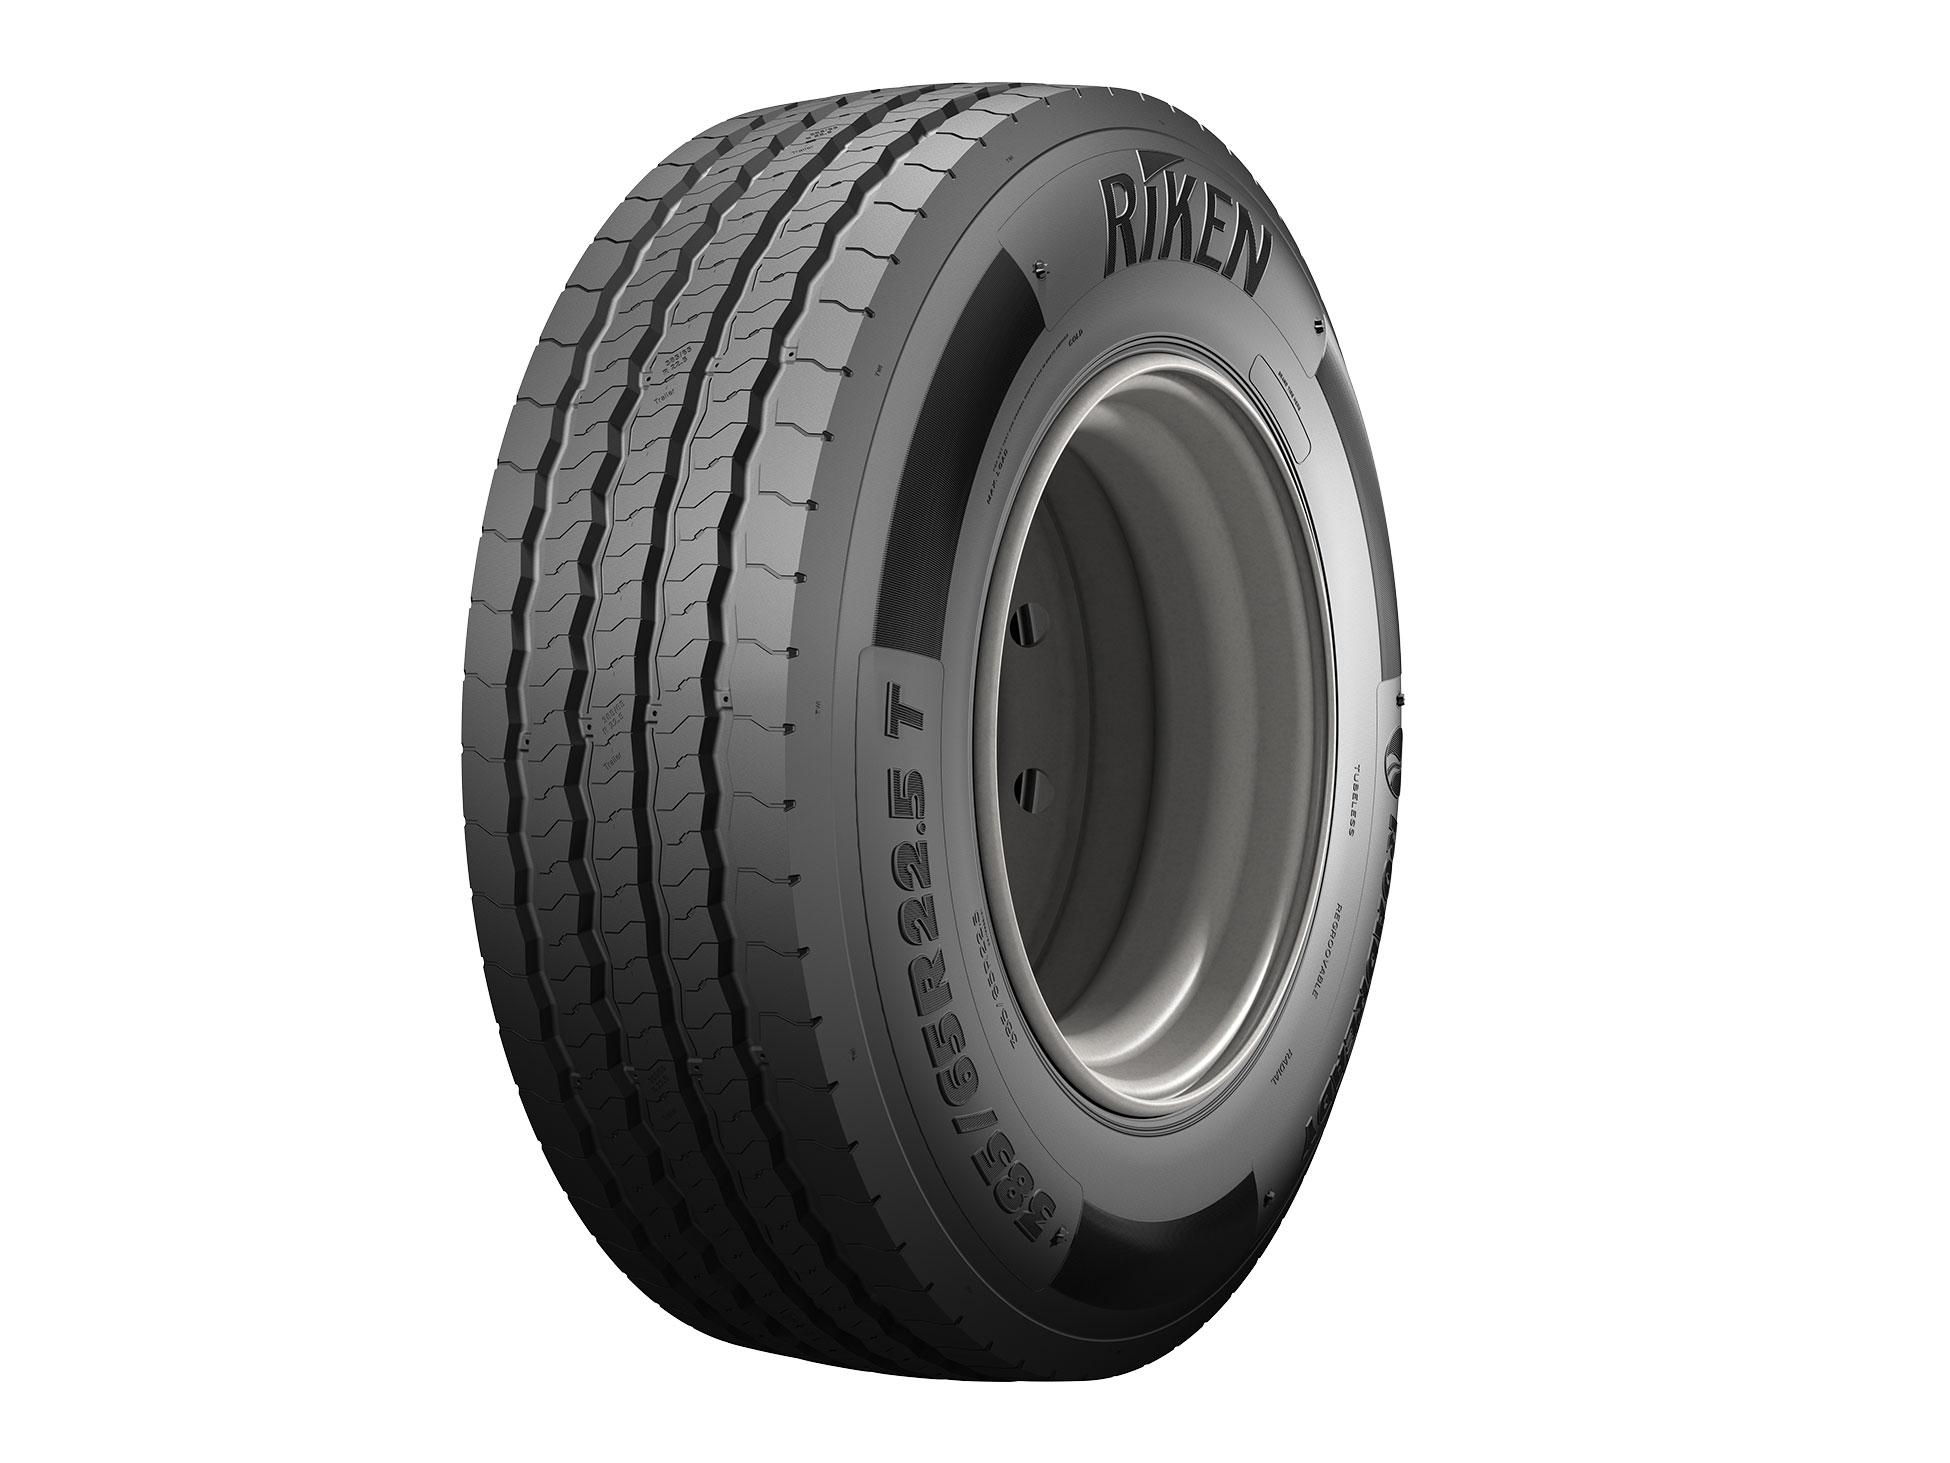 RIKEN-38565-R225-160K-ROADREADY-T--TL--C-C-170Tgk-abroncs-DC-